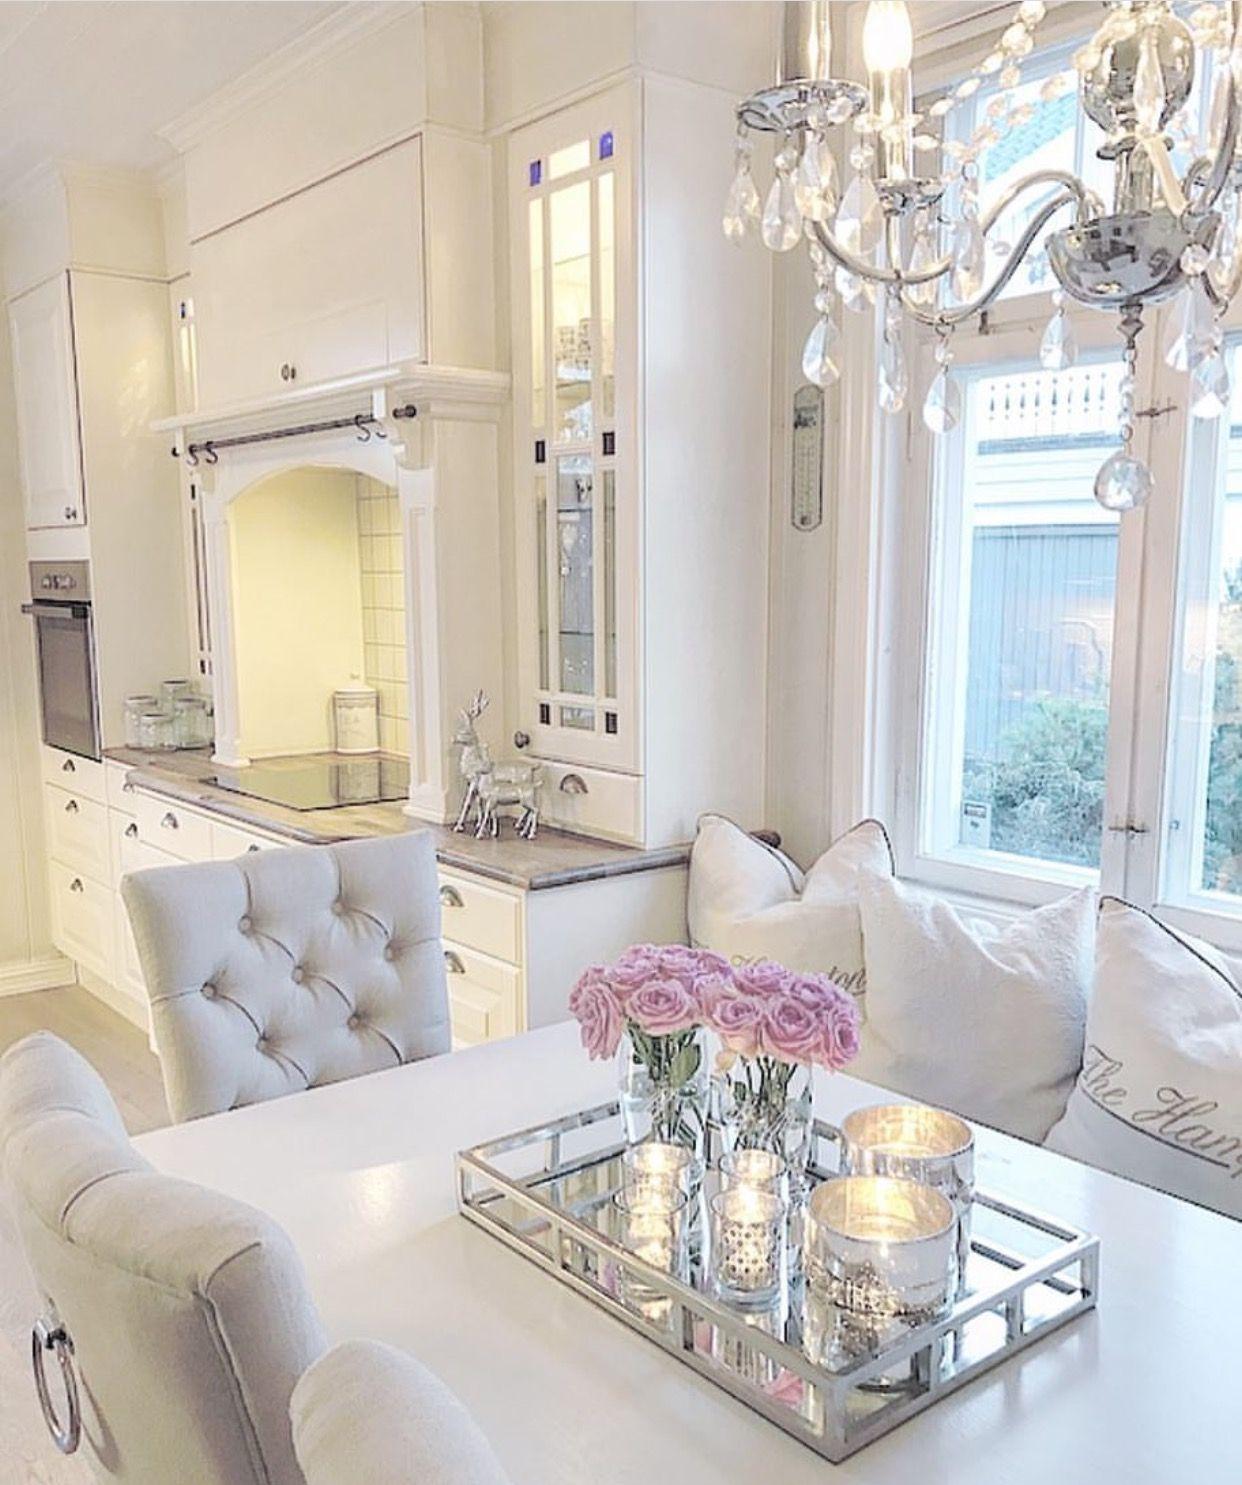 Pin von Holly Johnson auf Living room | Pinterest | Wohnzimmer ideen ...